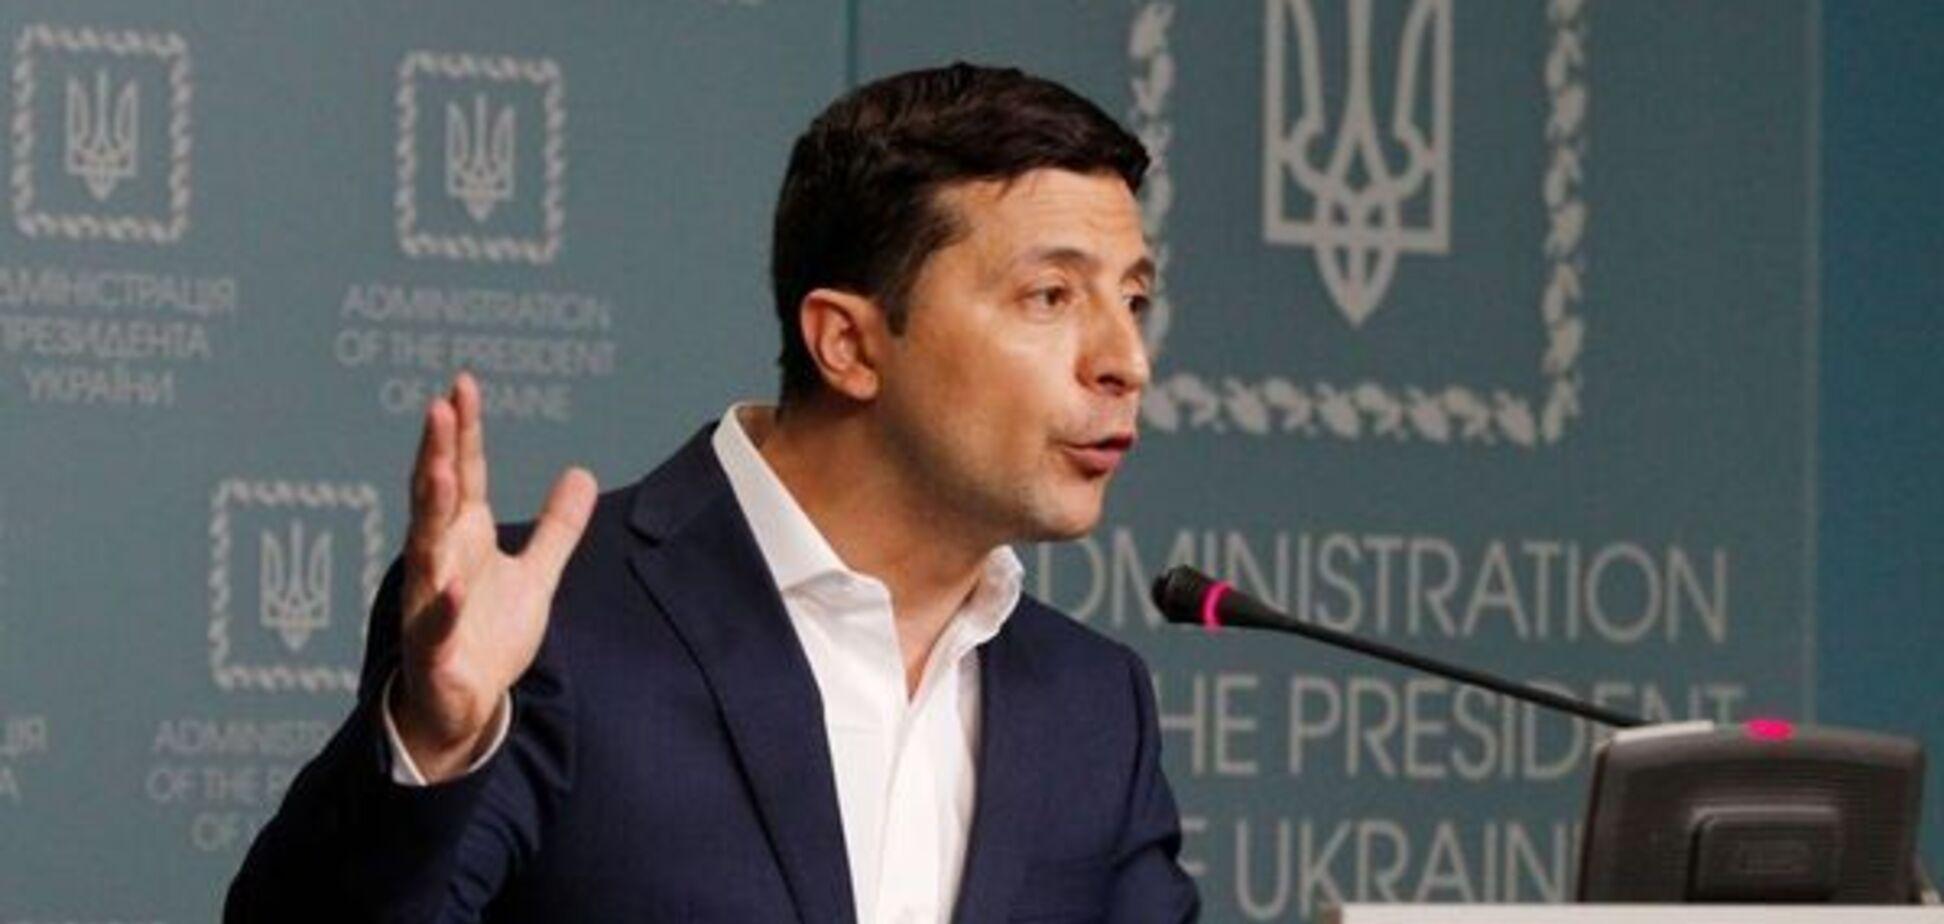 Зеленський 'обезголовив' СБУ Херсонської області